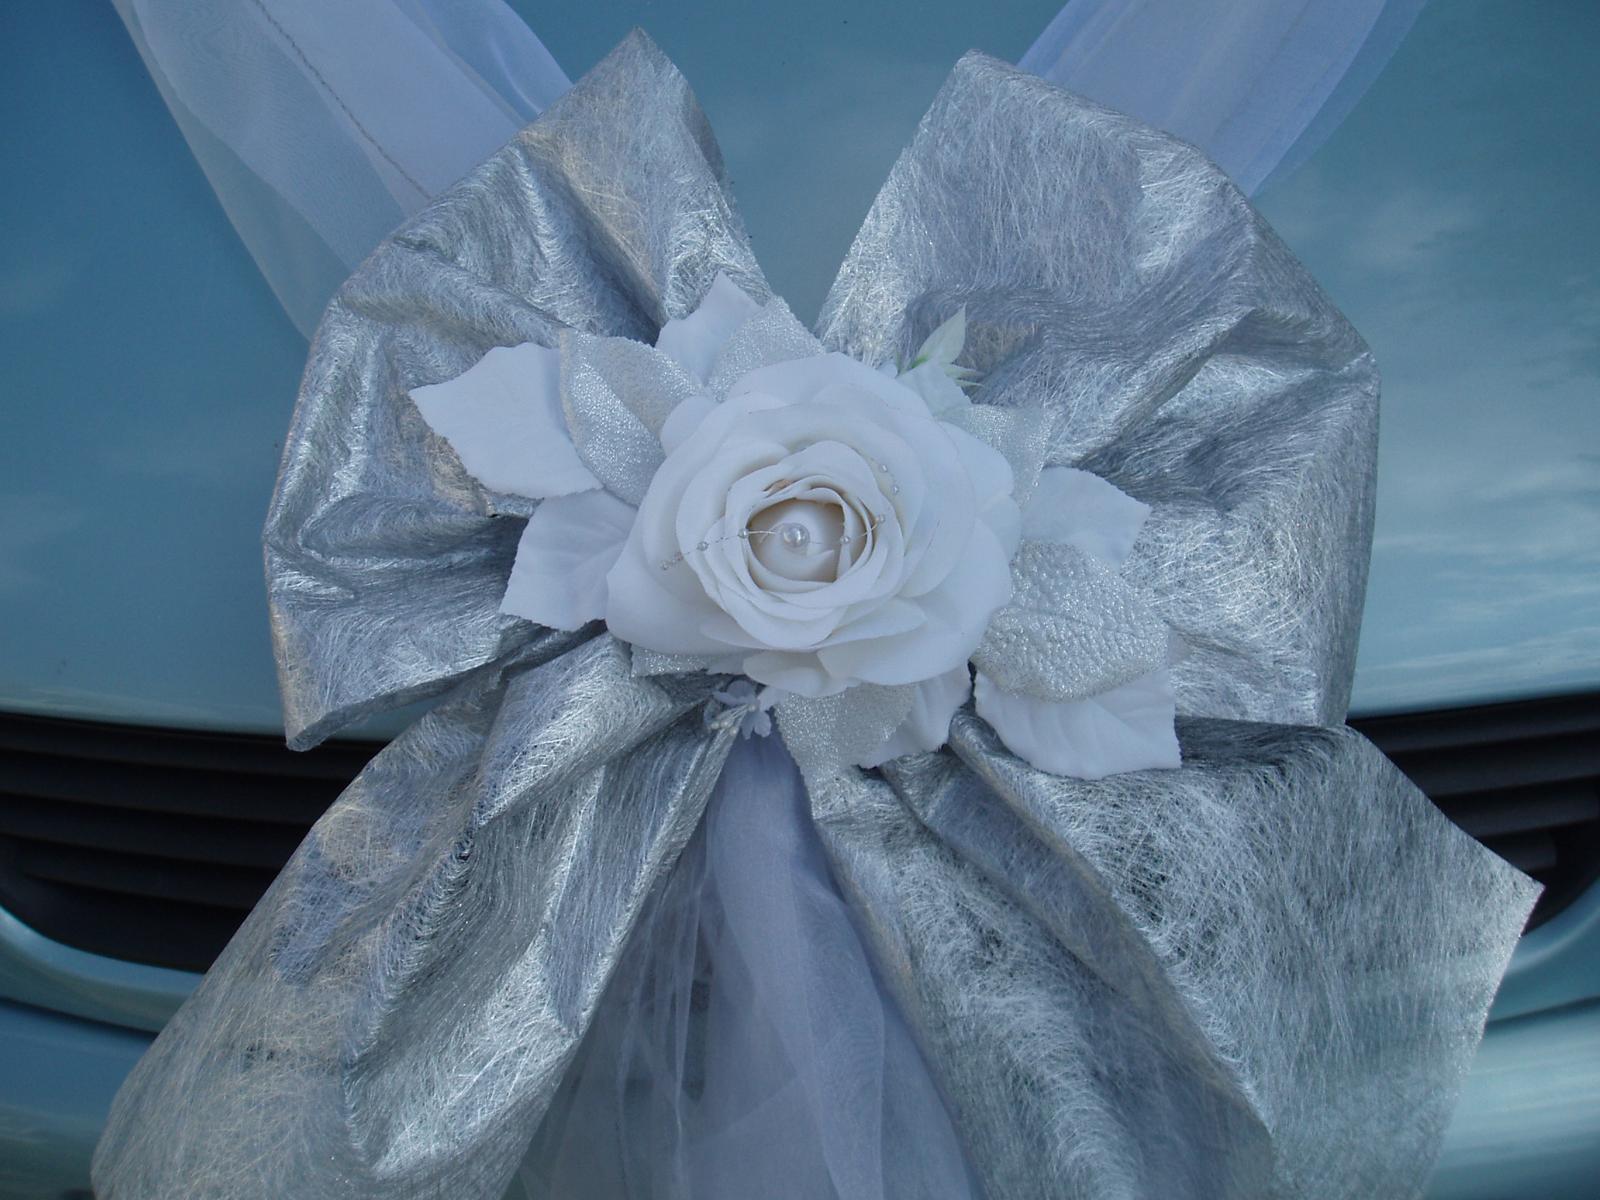 Bílo-stříbrné dekorace na auto - Obrázek č. 1